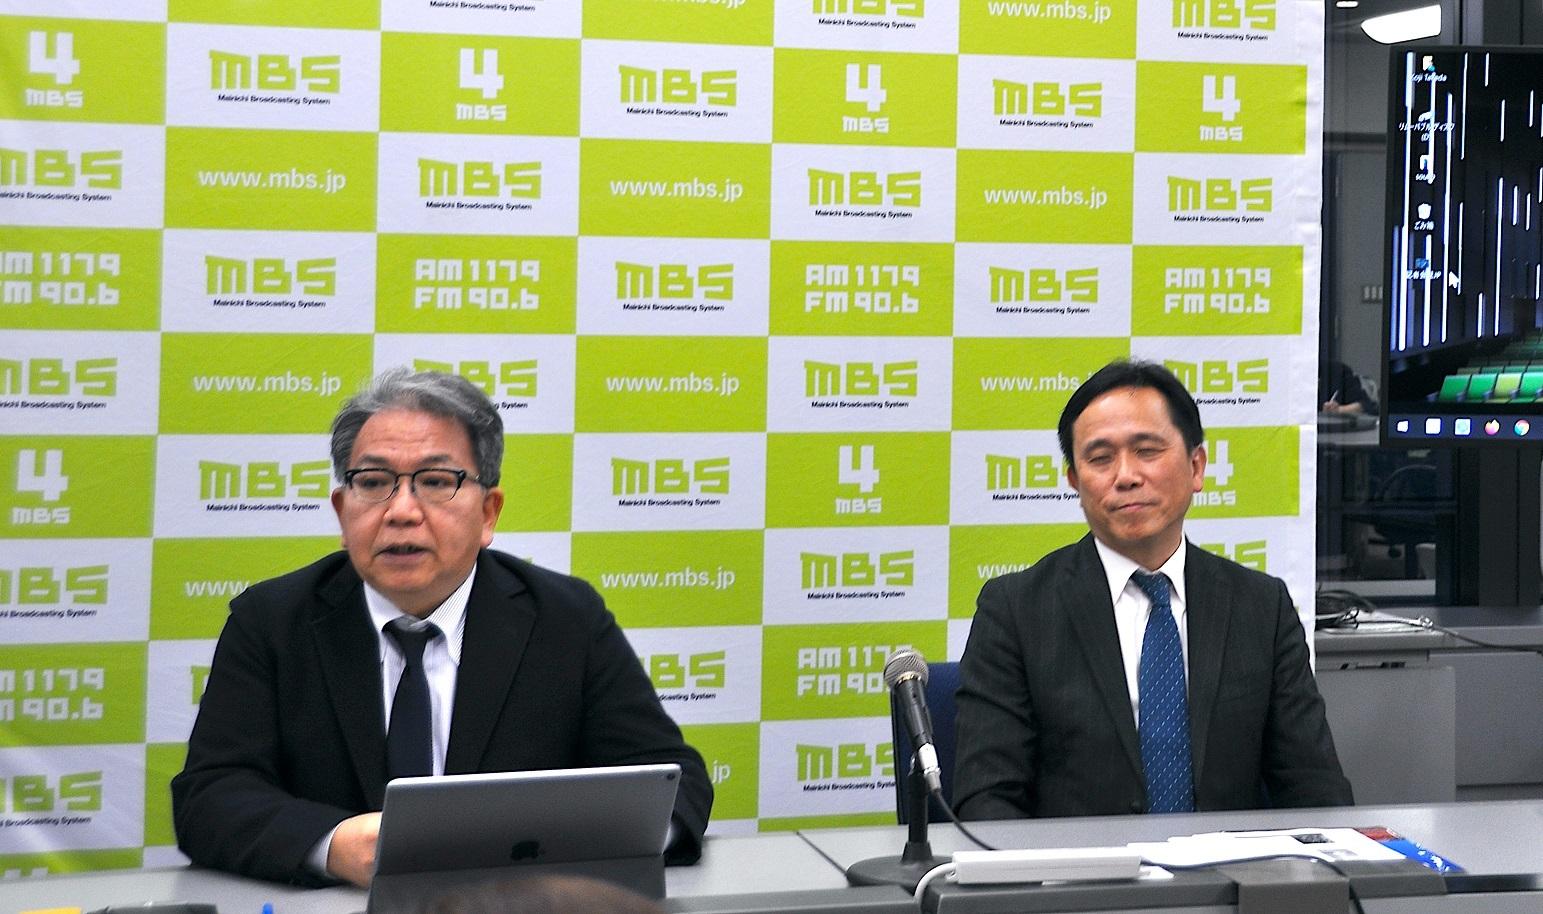 記者会見で説明する「MBSメディアホールディングス」の黒田雅浩氏(左)と武田浩治氏(右)。 撮影=吉永美和子